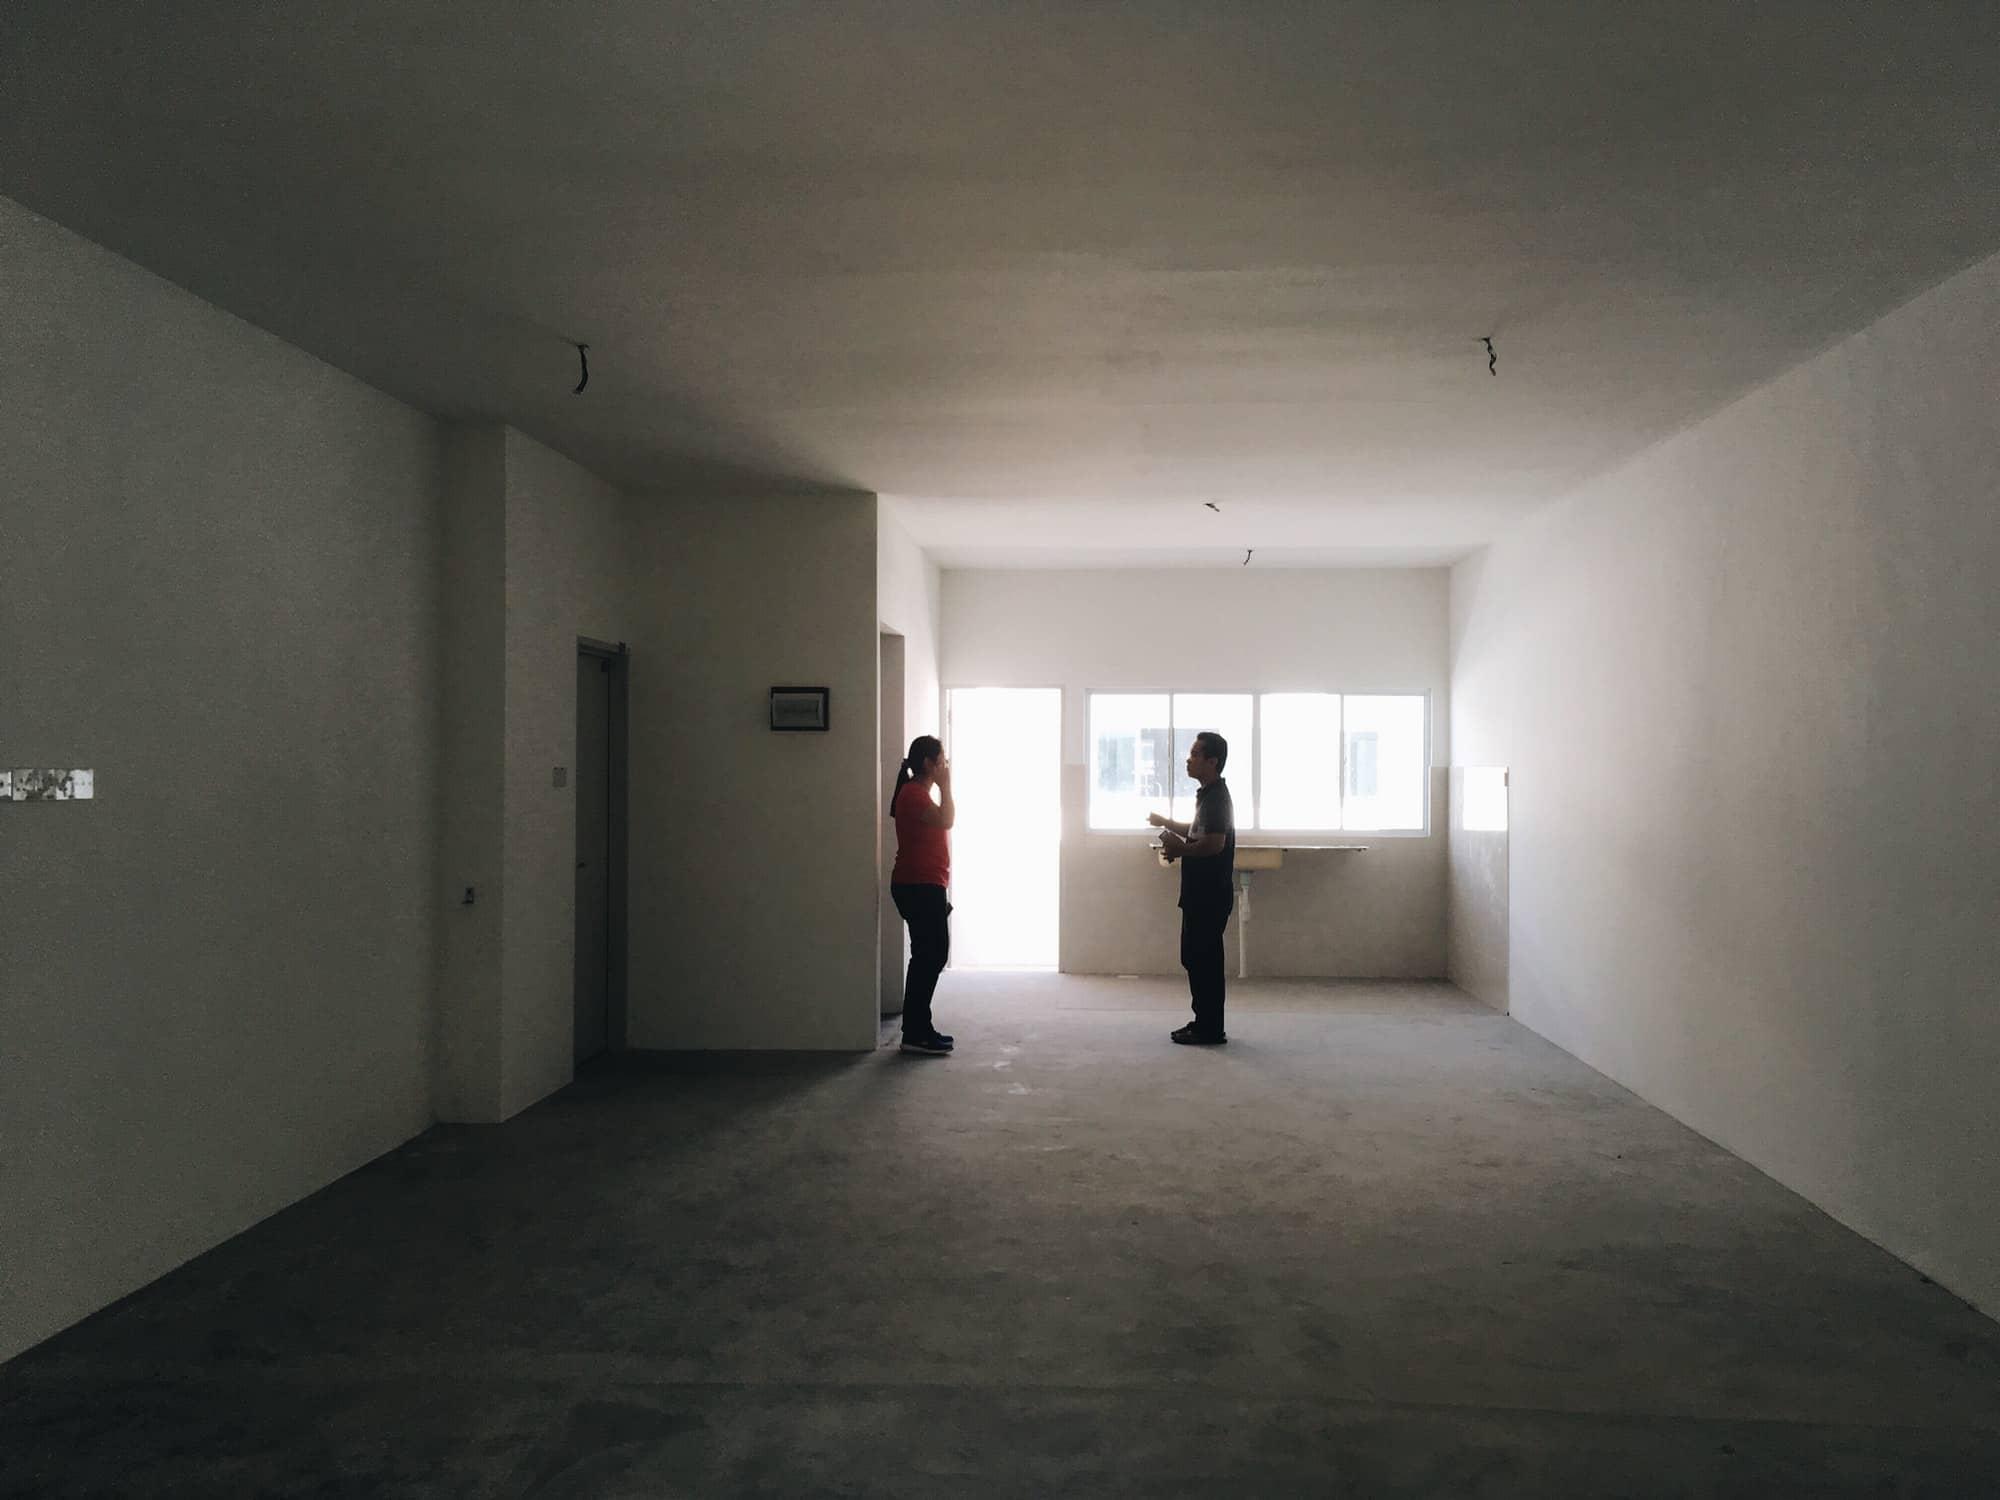 résiliation d'assurance habitation suite à un décès